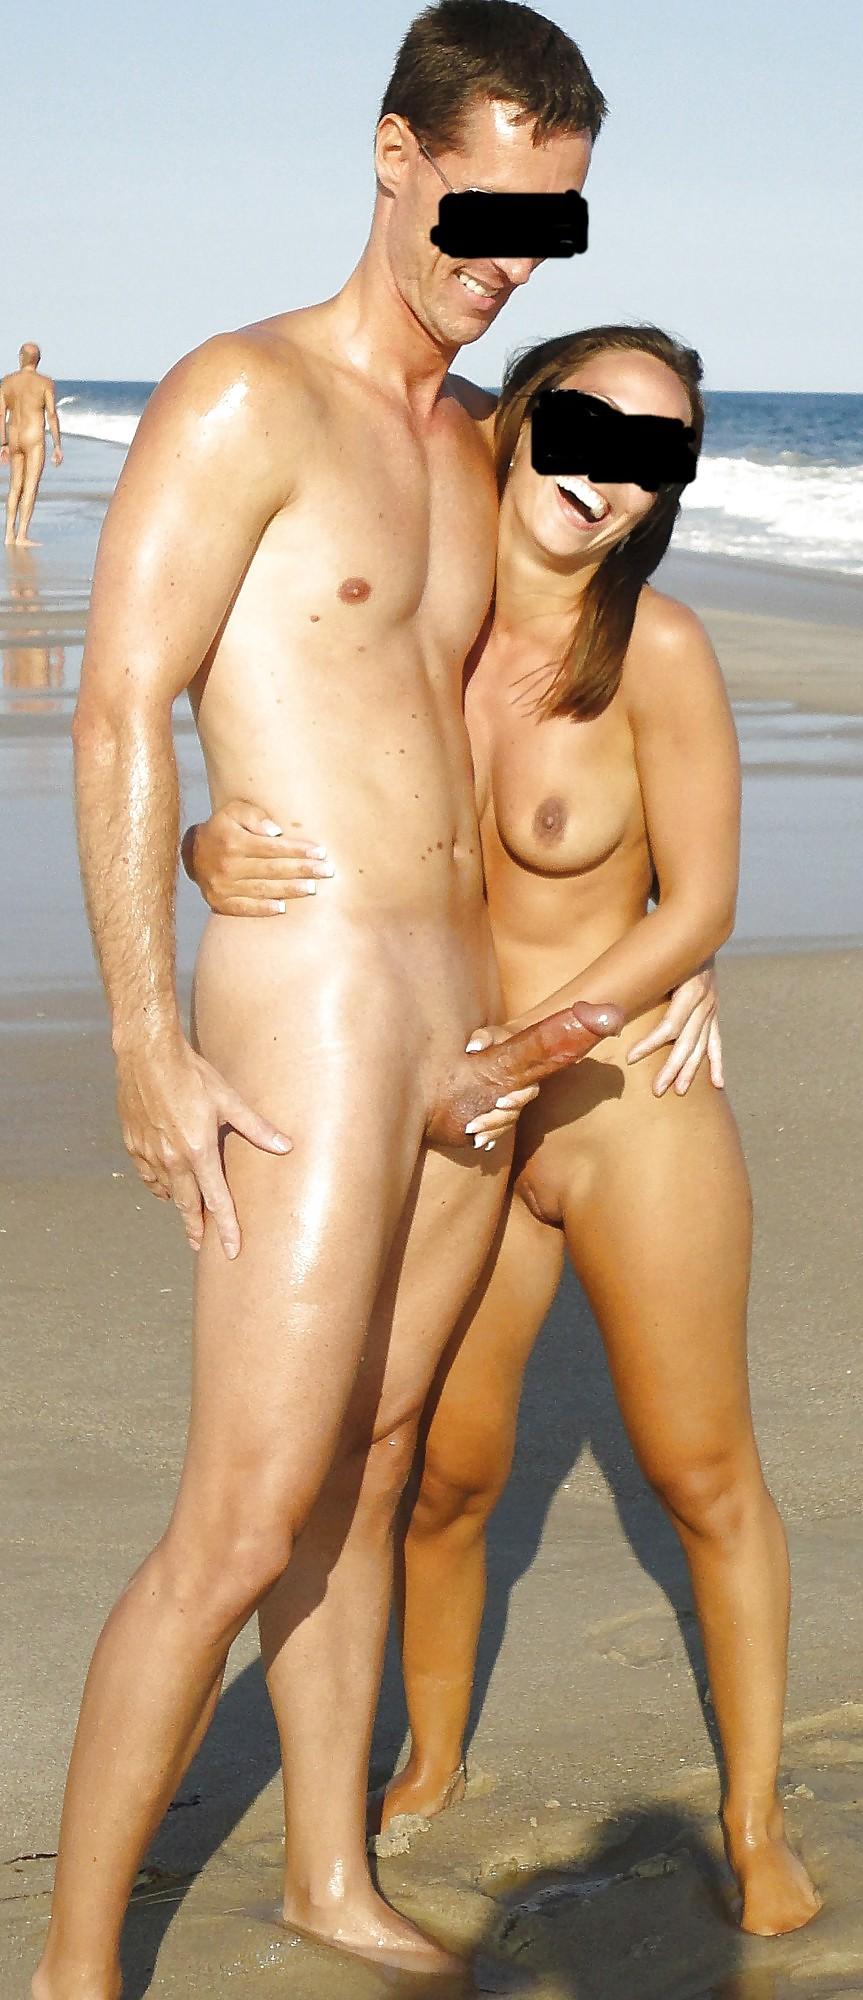 Nude Men Beach